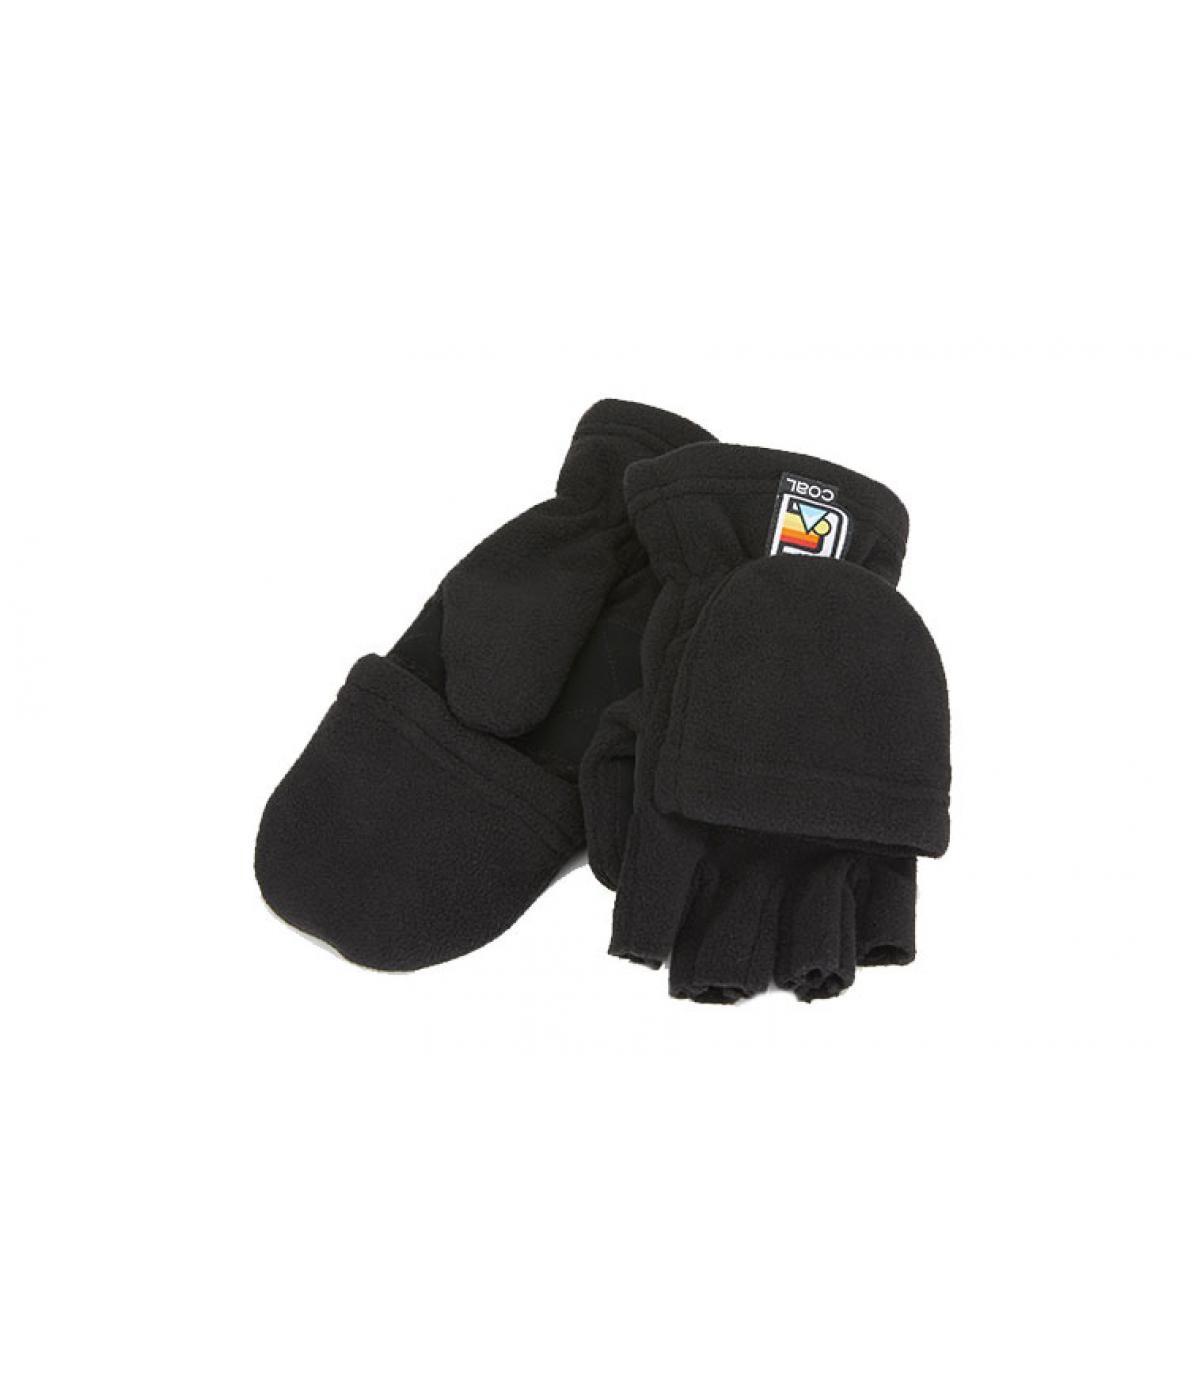 guanti guanti neri Coal